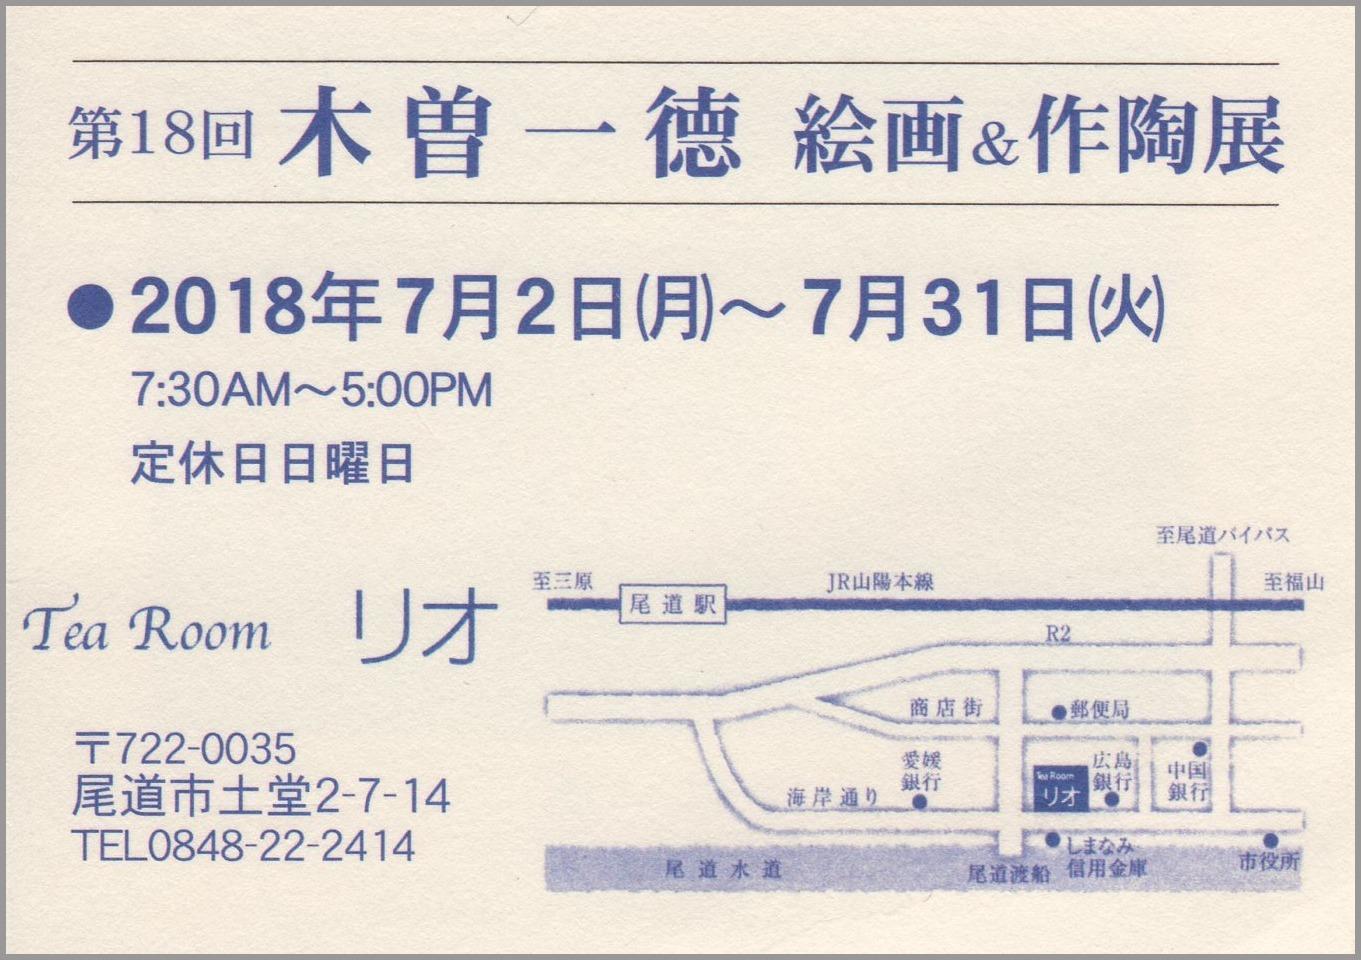 第18回木曽一徳 絵画&作陶展_a0086270_23485440.jpg